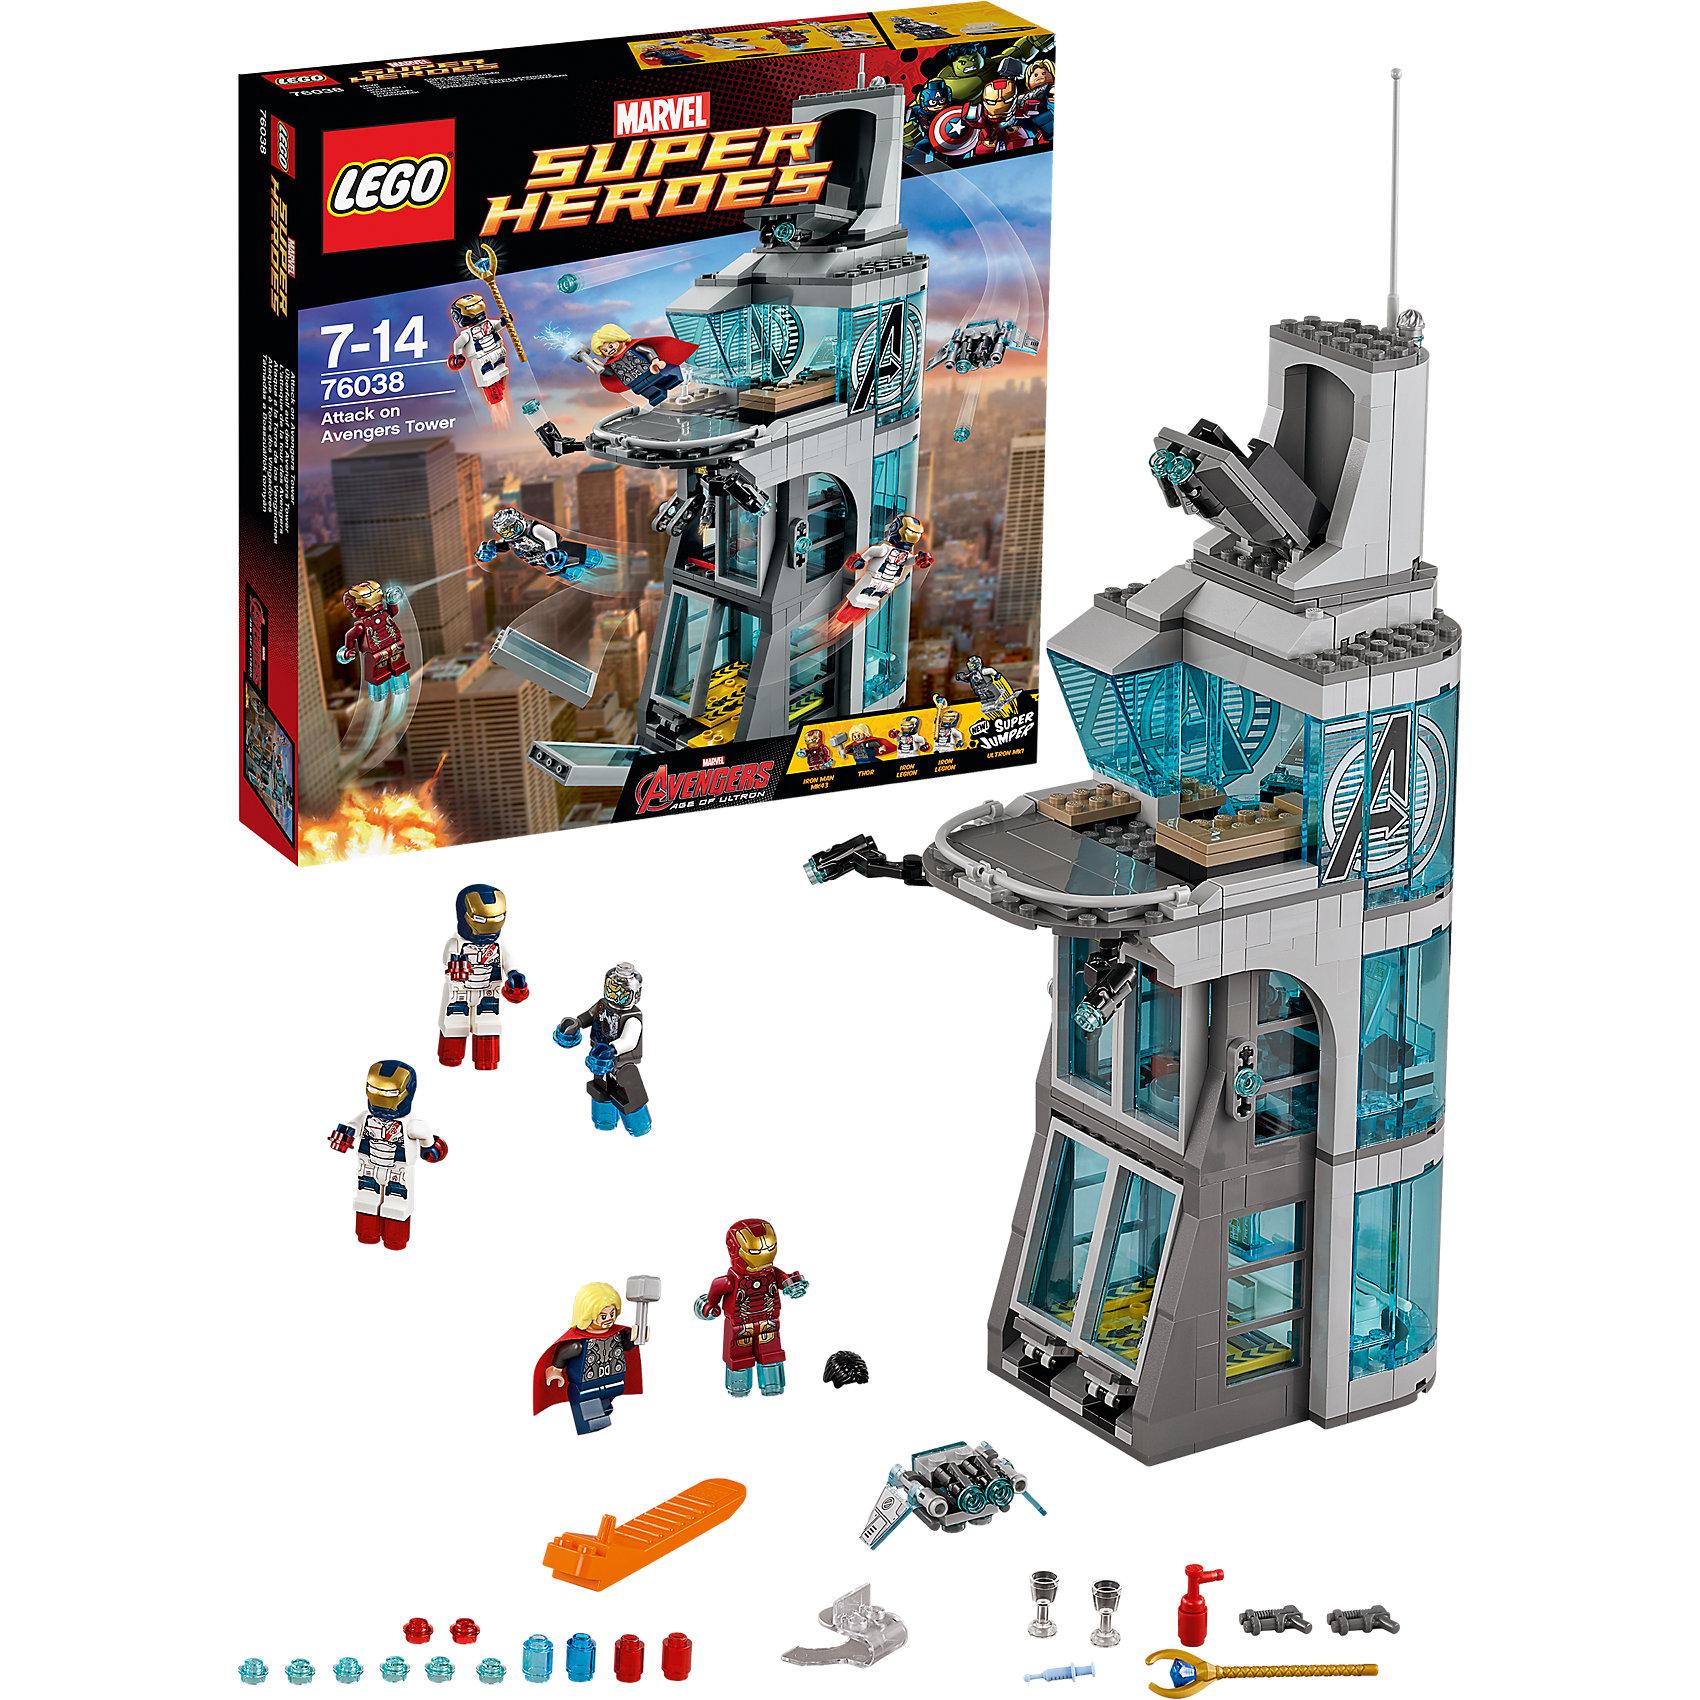 LEGO LEGO Super Heroes 76038: Нападение на башню Мстителей bevle decool 7114 avenger super hero attack on avengers tower bricks giant building block toys gift for children lepin 76038